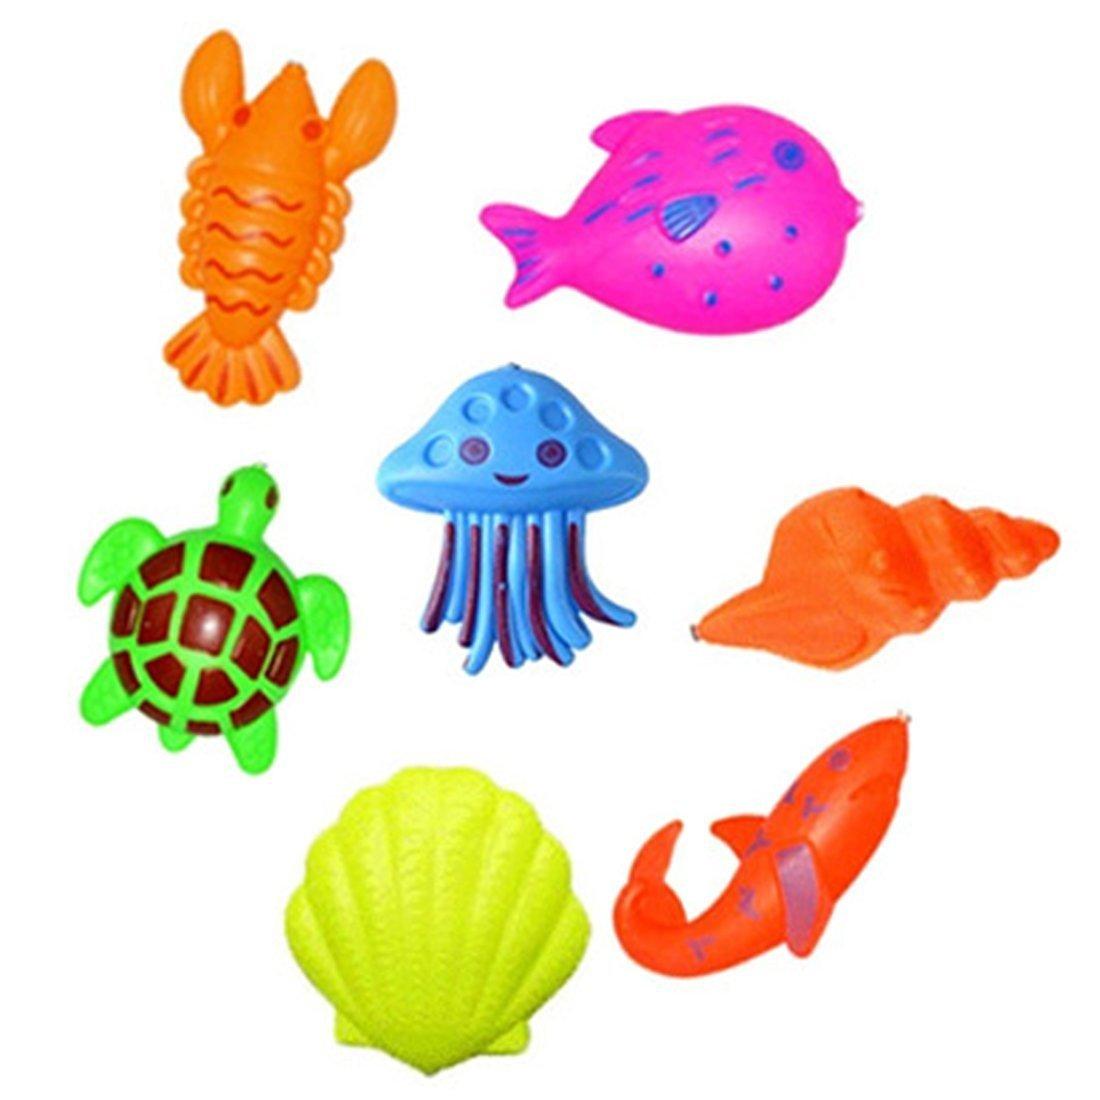 JIMS STORE Giocattolo da Pesca 32 Pezzi Bagno Giocattolo Bambino Giochi da Pesca Magnetico Educativi Giocattolo Divertente allAperto Regali Ottimi per Bambini Piccoli